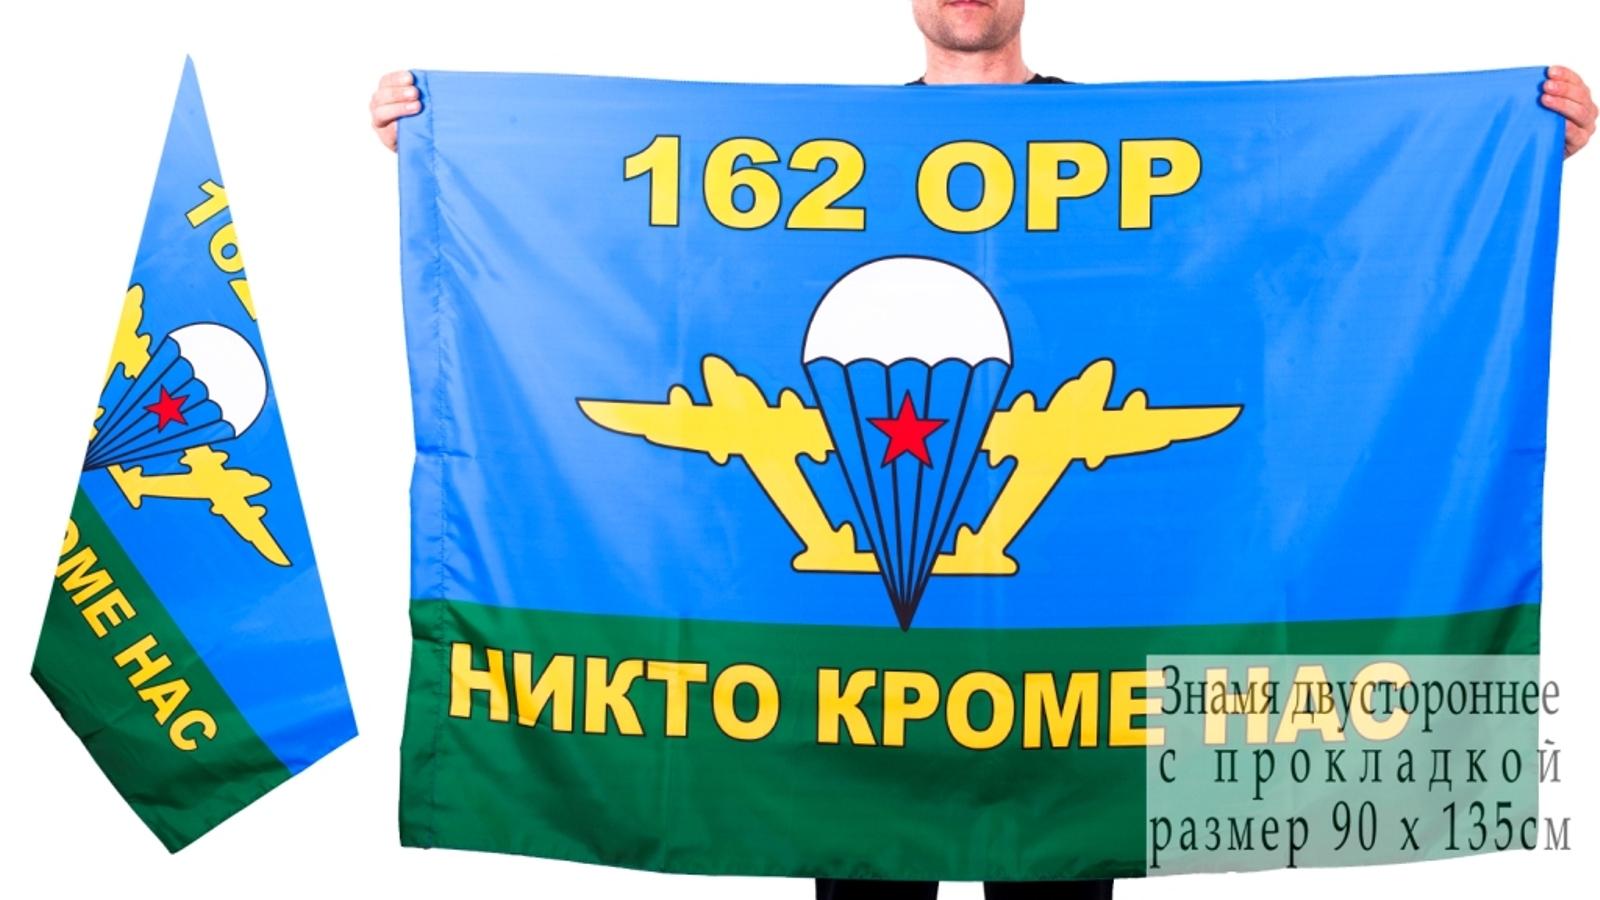 Двухсторонний флаг «162 ОРР ВДВ»